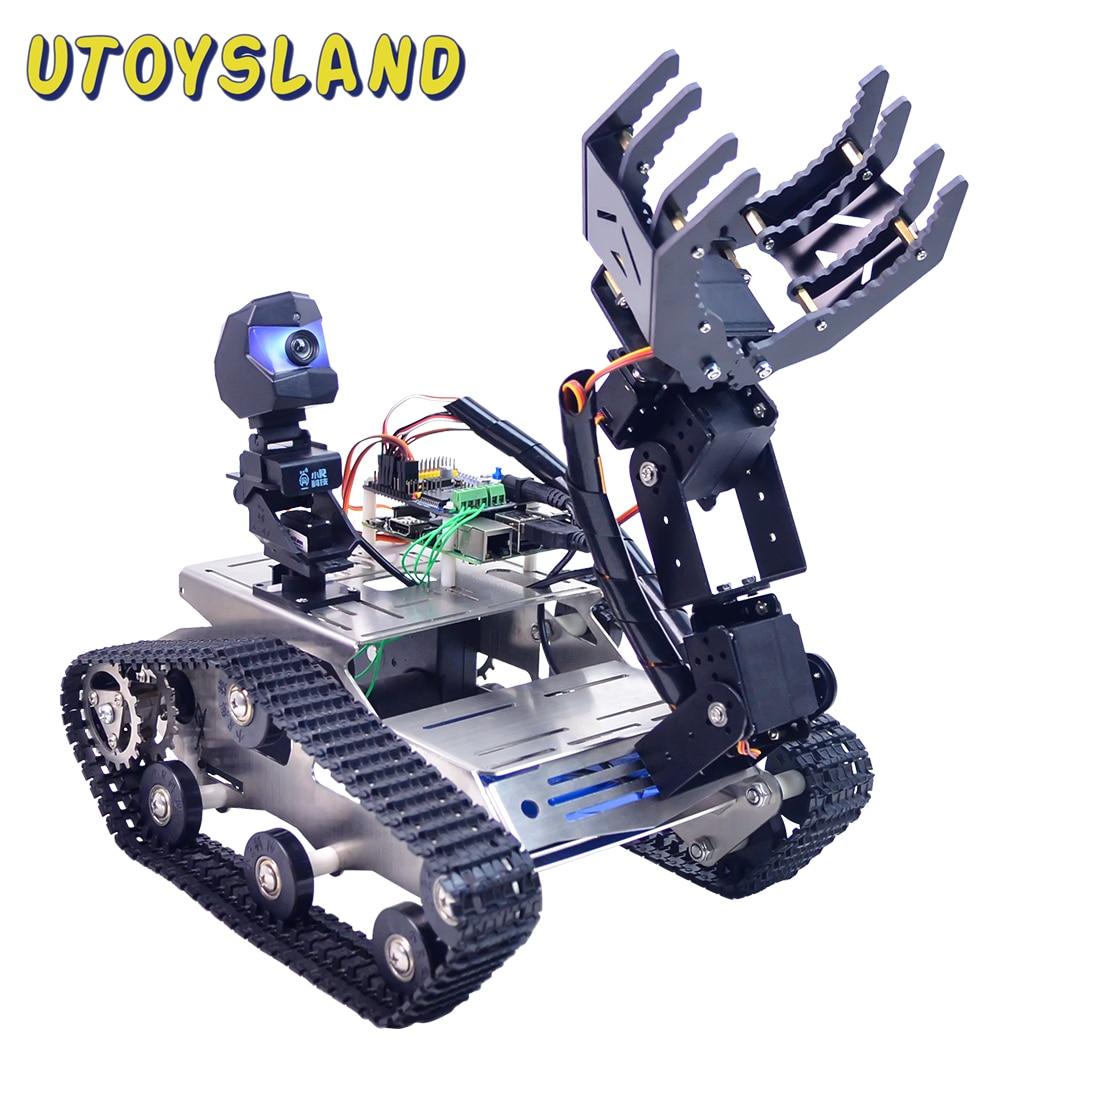 قابل للبرمجة TH WiFi بلوتوث FPV خزان سيارة روبوت عدة مع ذراع ل اردوينو ميجا خط دورية تجنب عقبة نسخة كبيرة